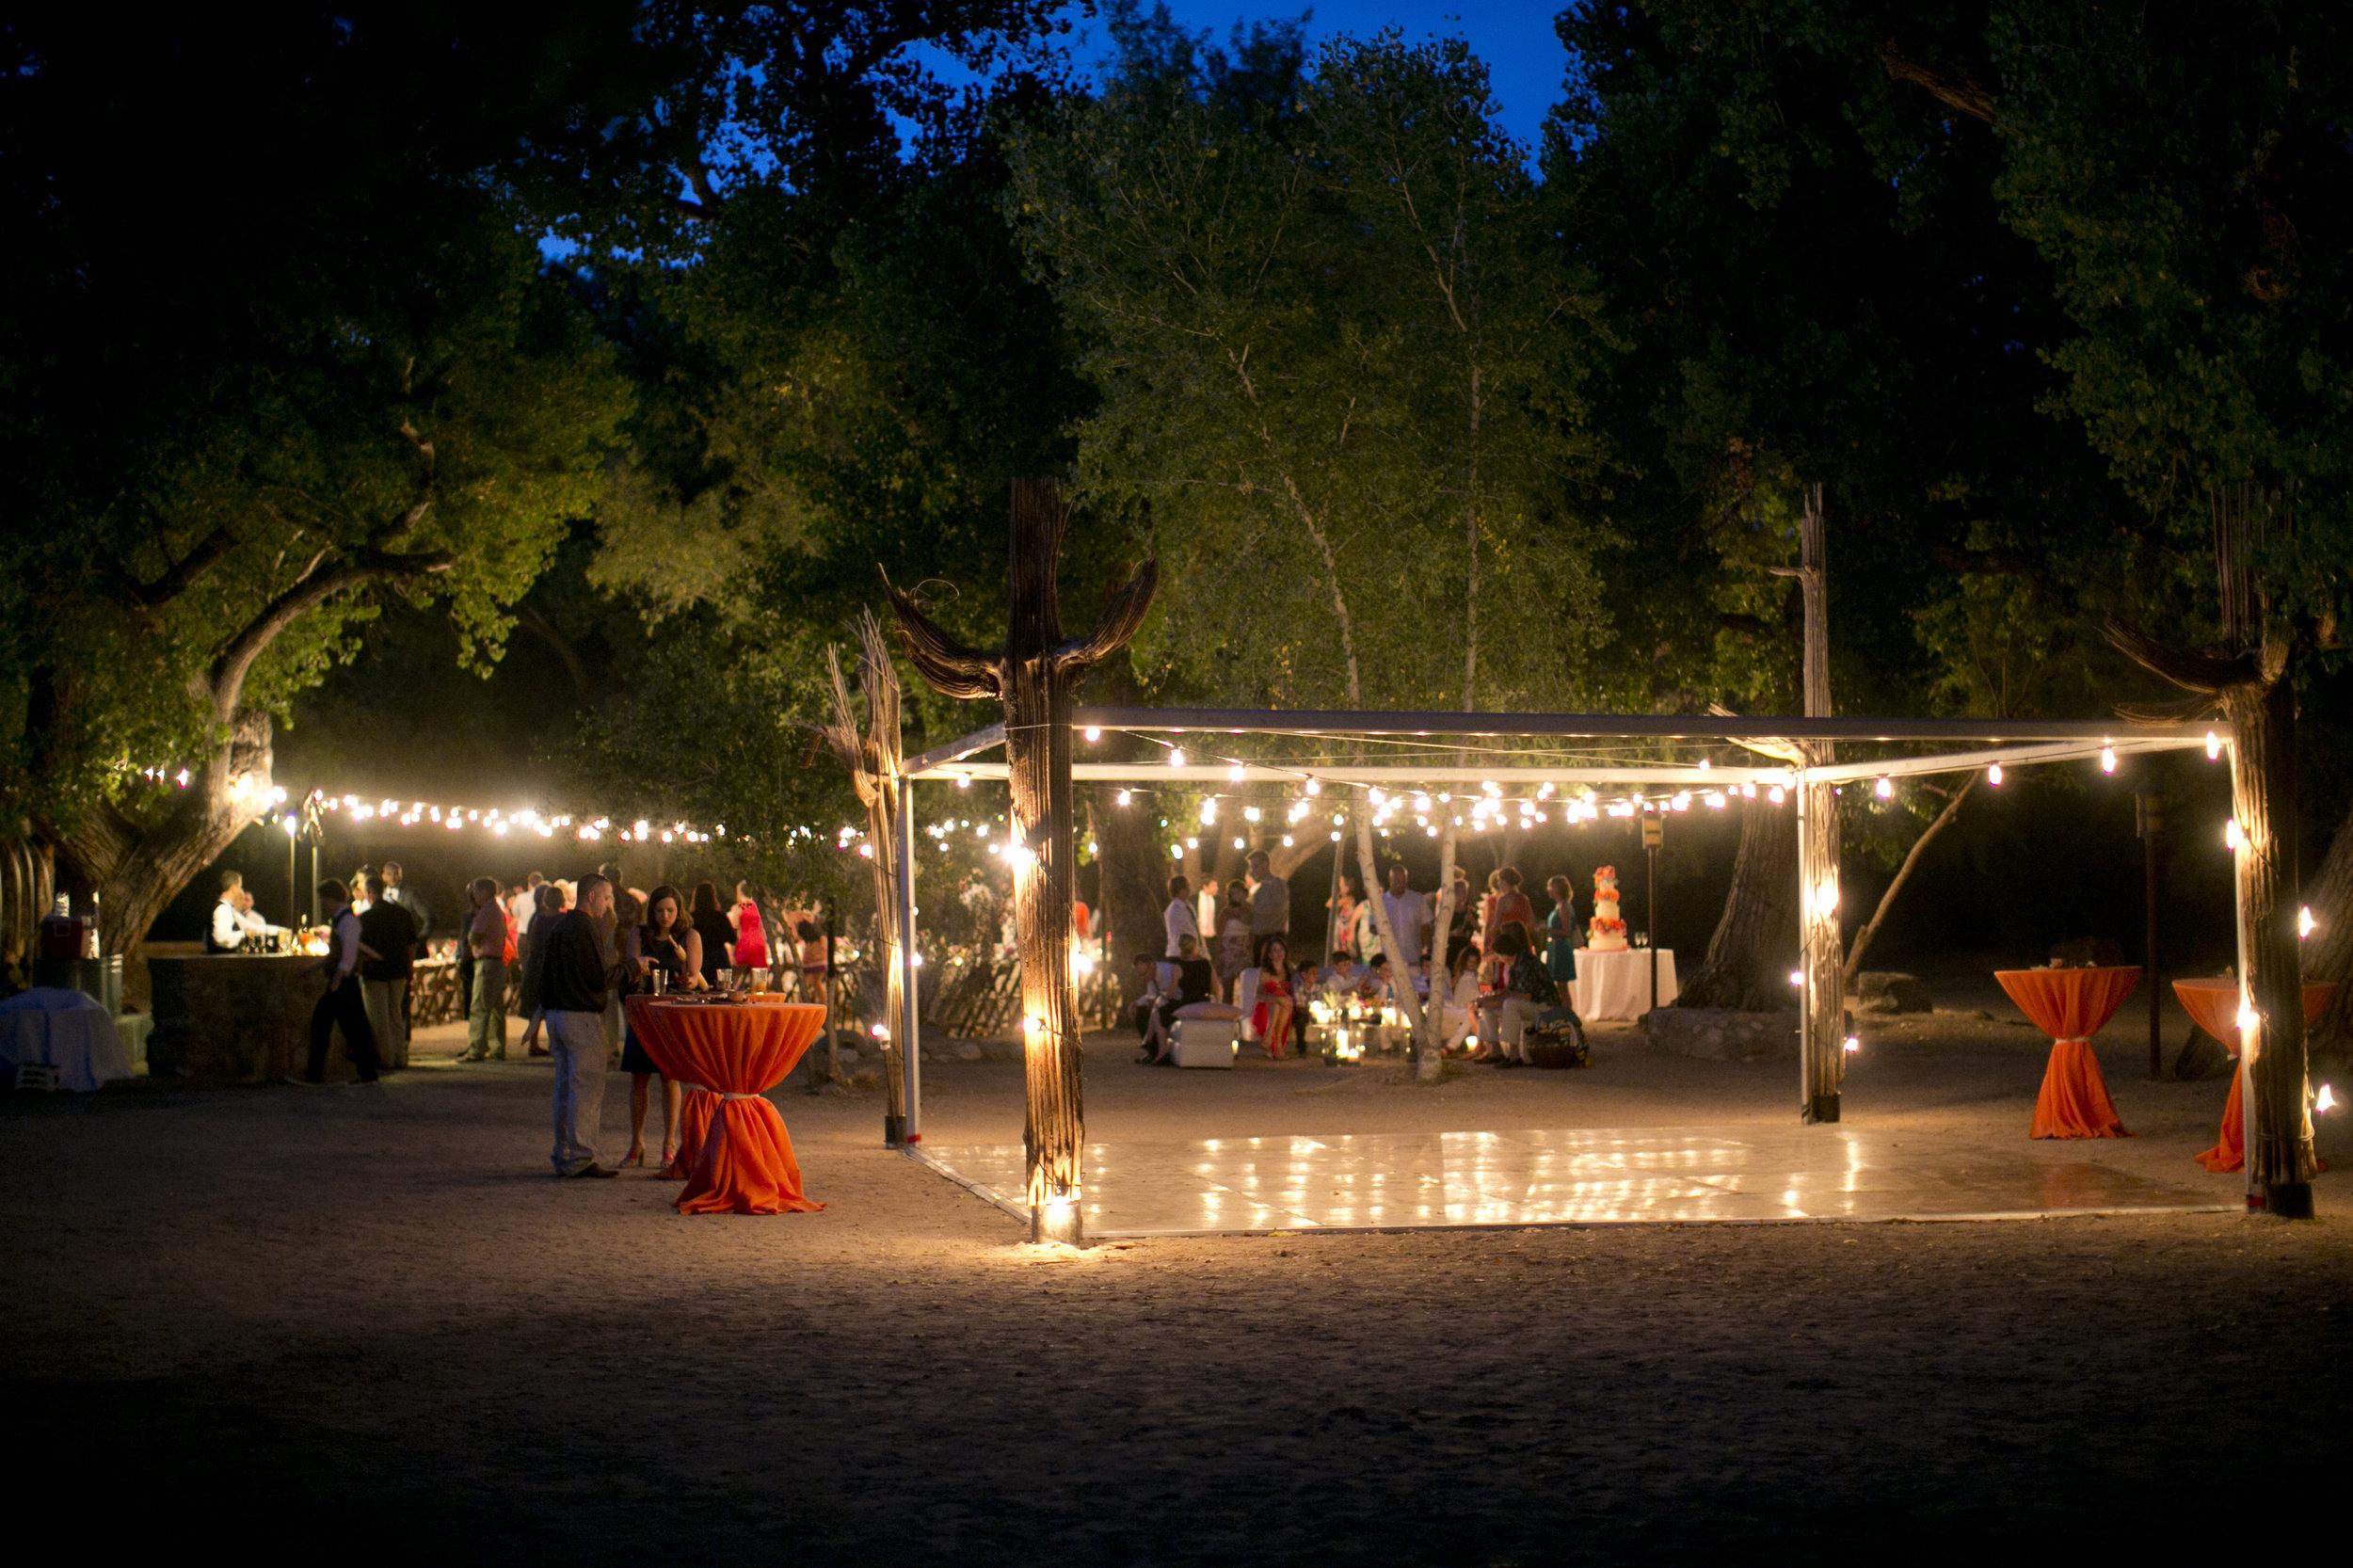 Ceci_New_York_Ceci_Style_Ceci_Johnson_Luxury_Lifestyle_Arizona_Wedding_Watercolor_Inspiration_Design_Custom_Couture_Personalized_Invitations_183.jpg